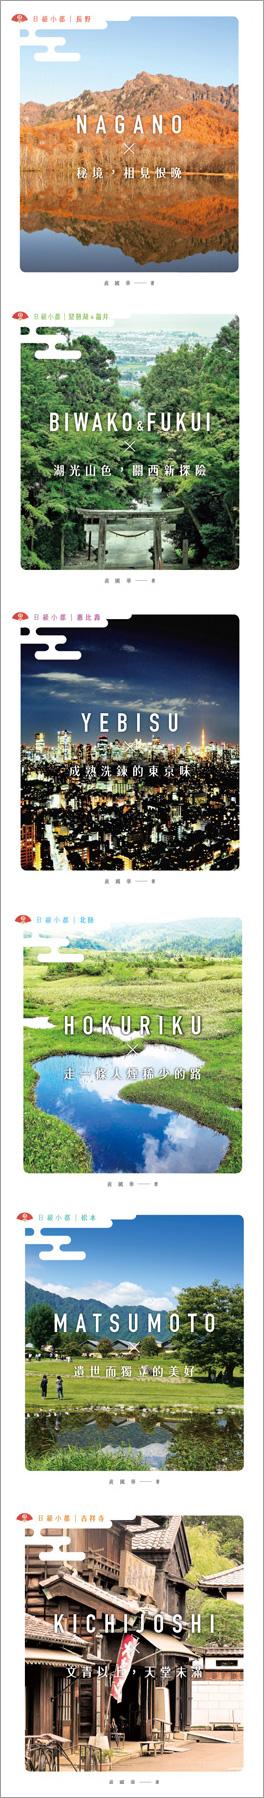 京都B級小都系列@木桐文化